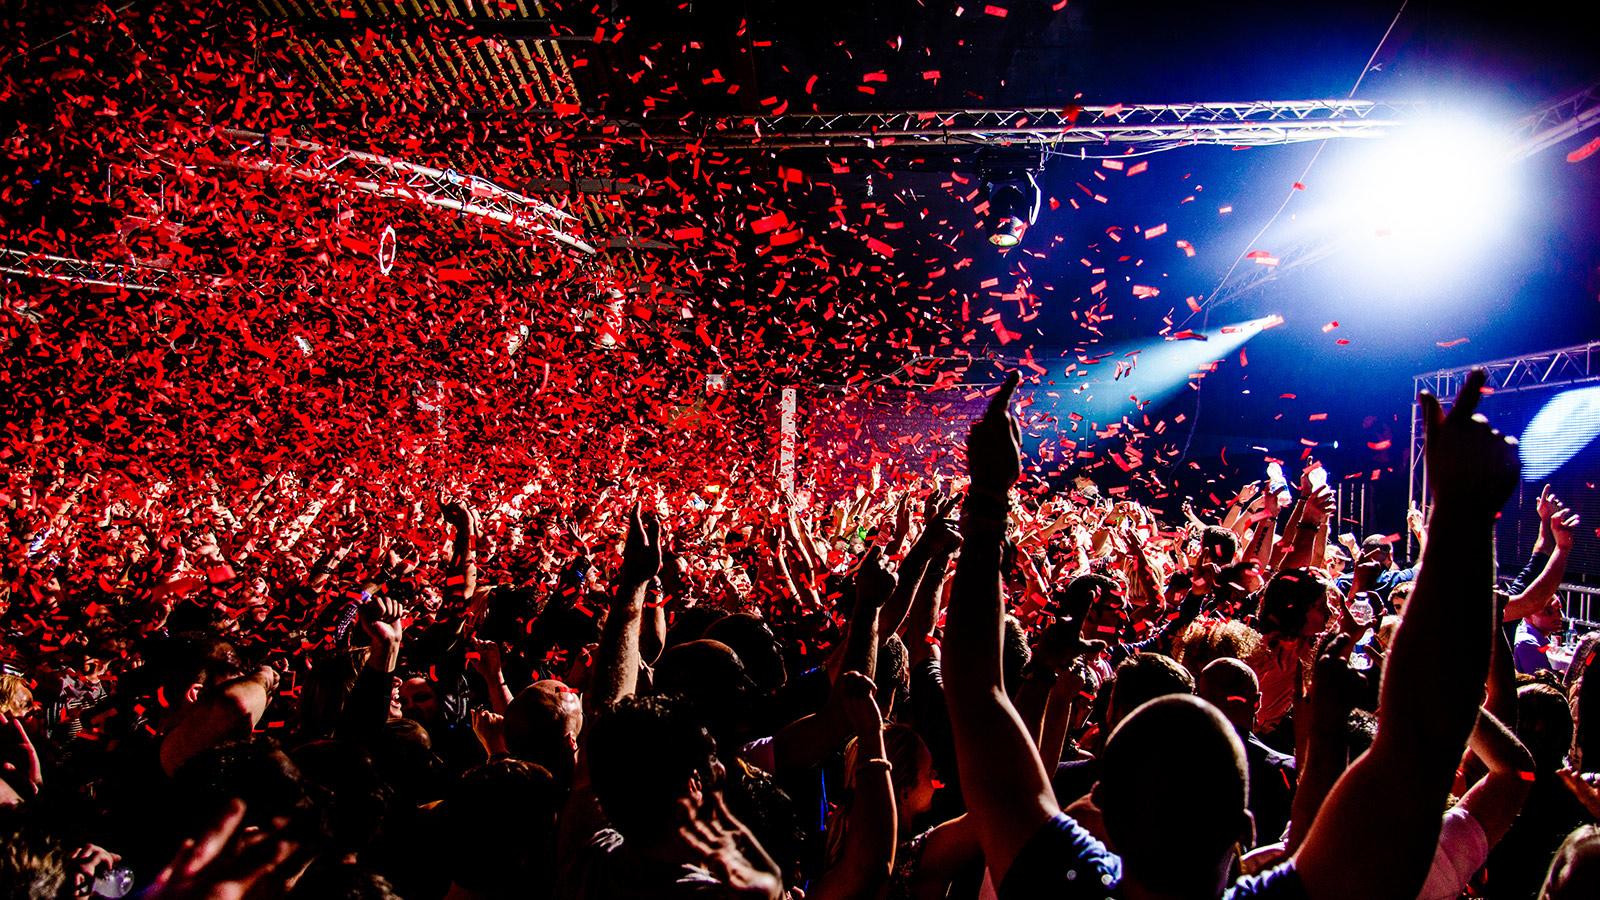 Nightclub confetti party